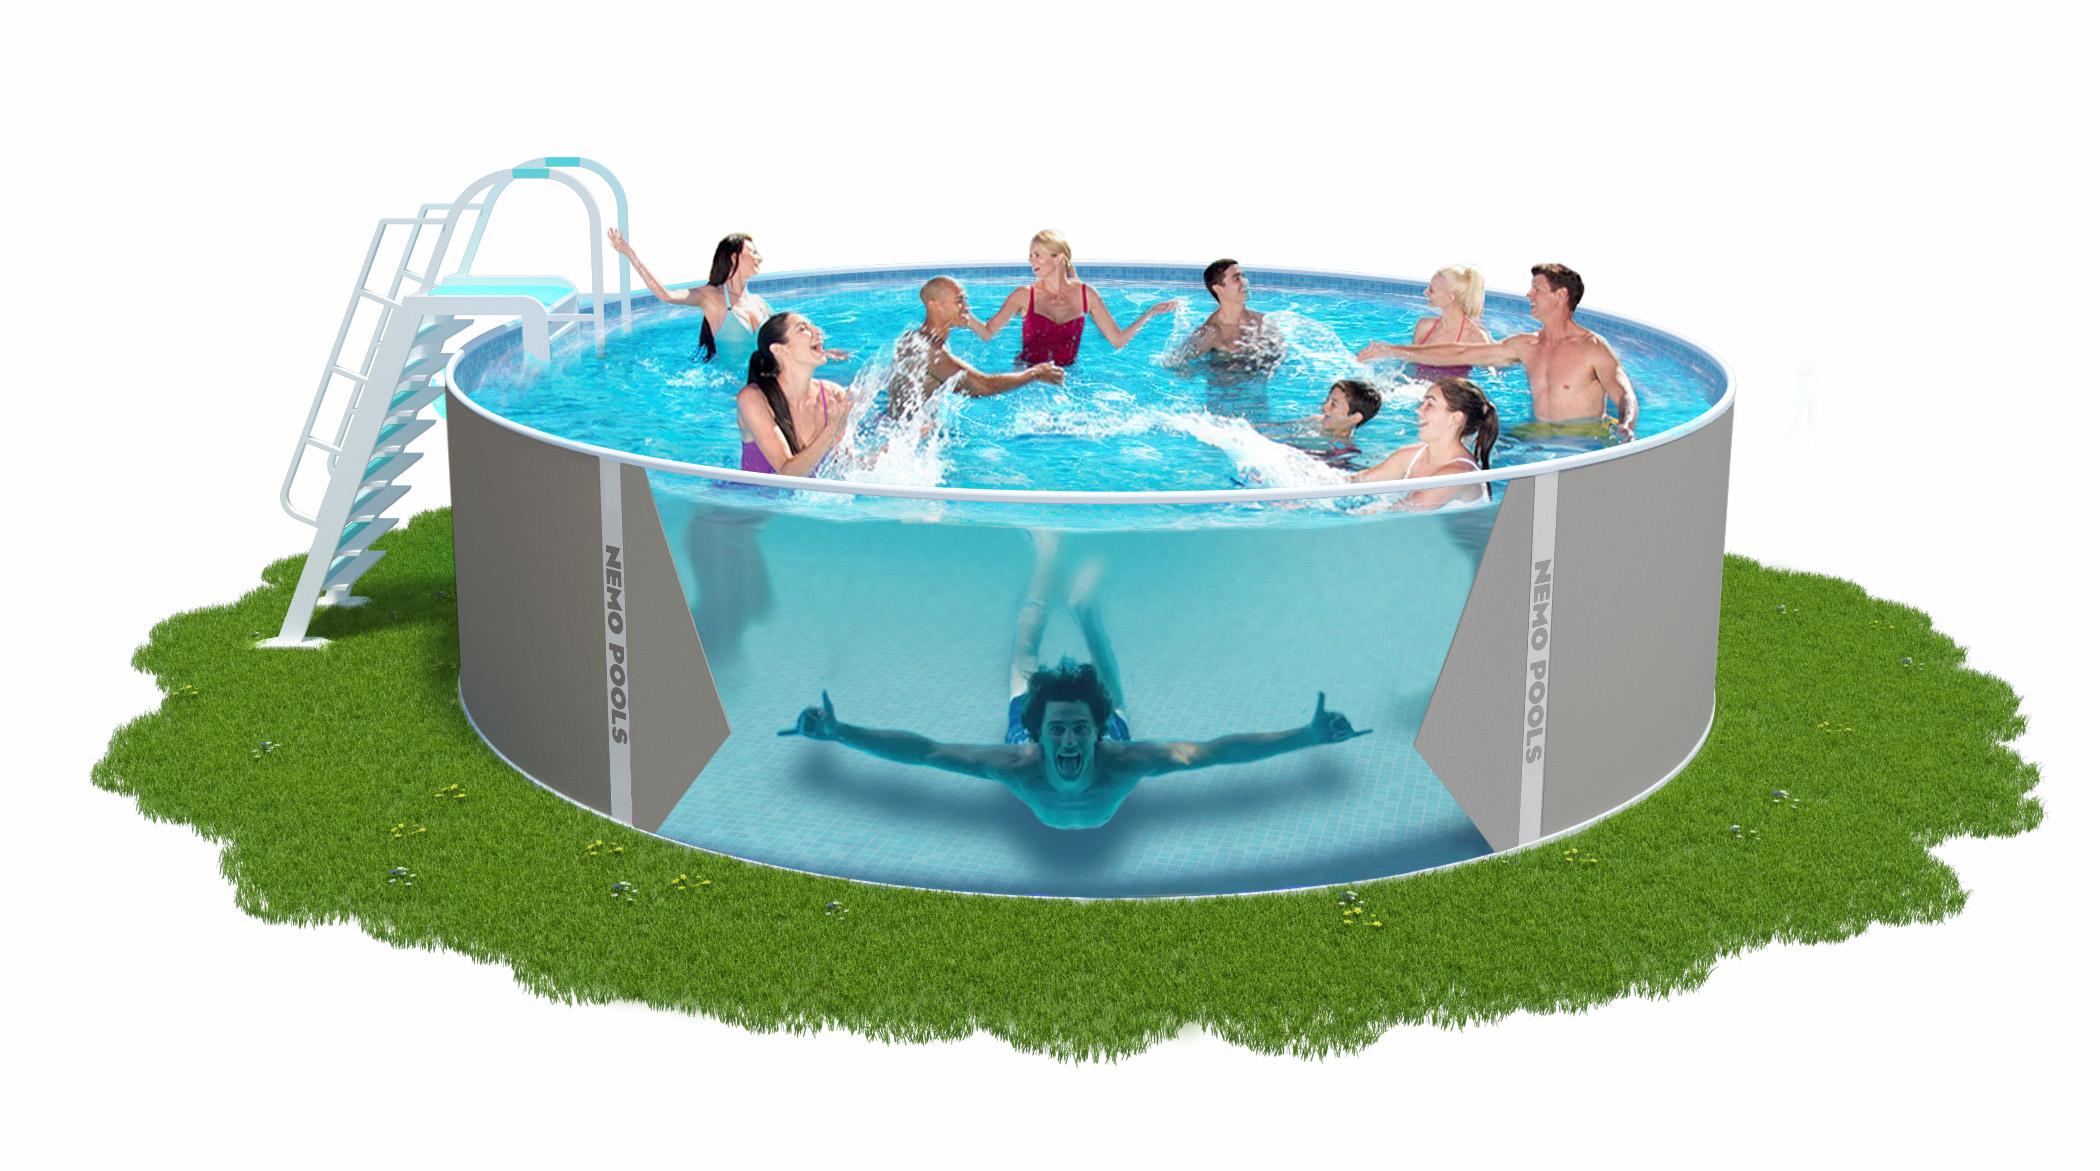 Установка скиммера в бассейн: как правильно подсоединить и подключить в бетонный, каркасный или надувной